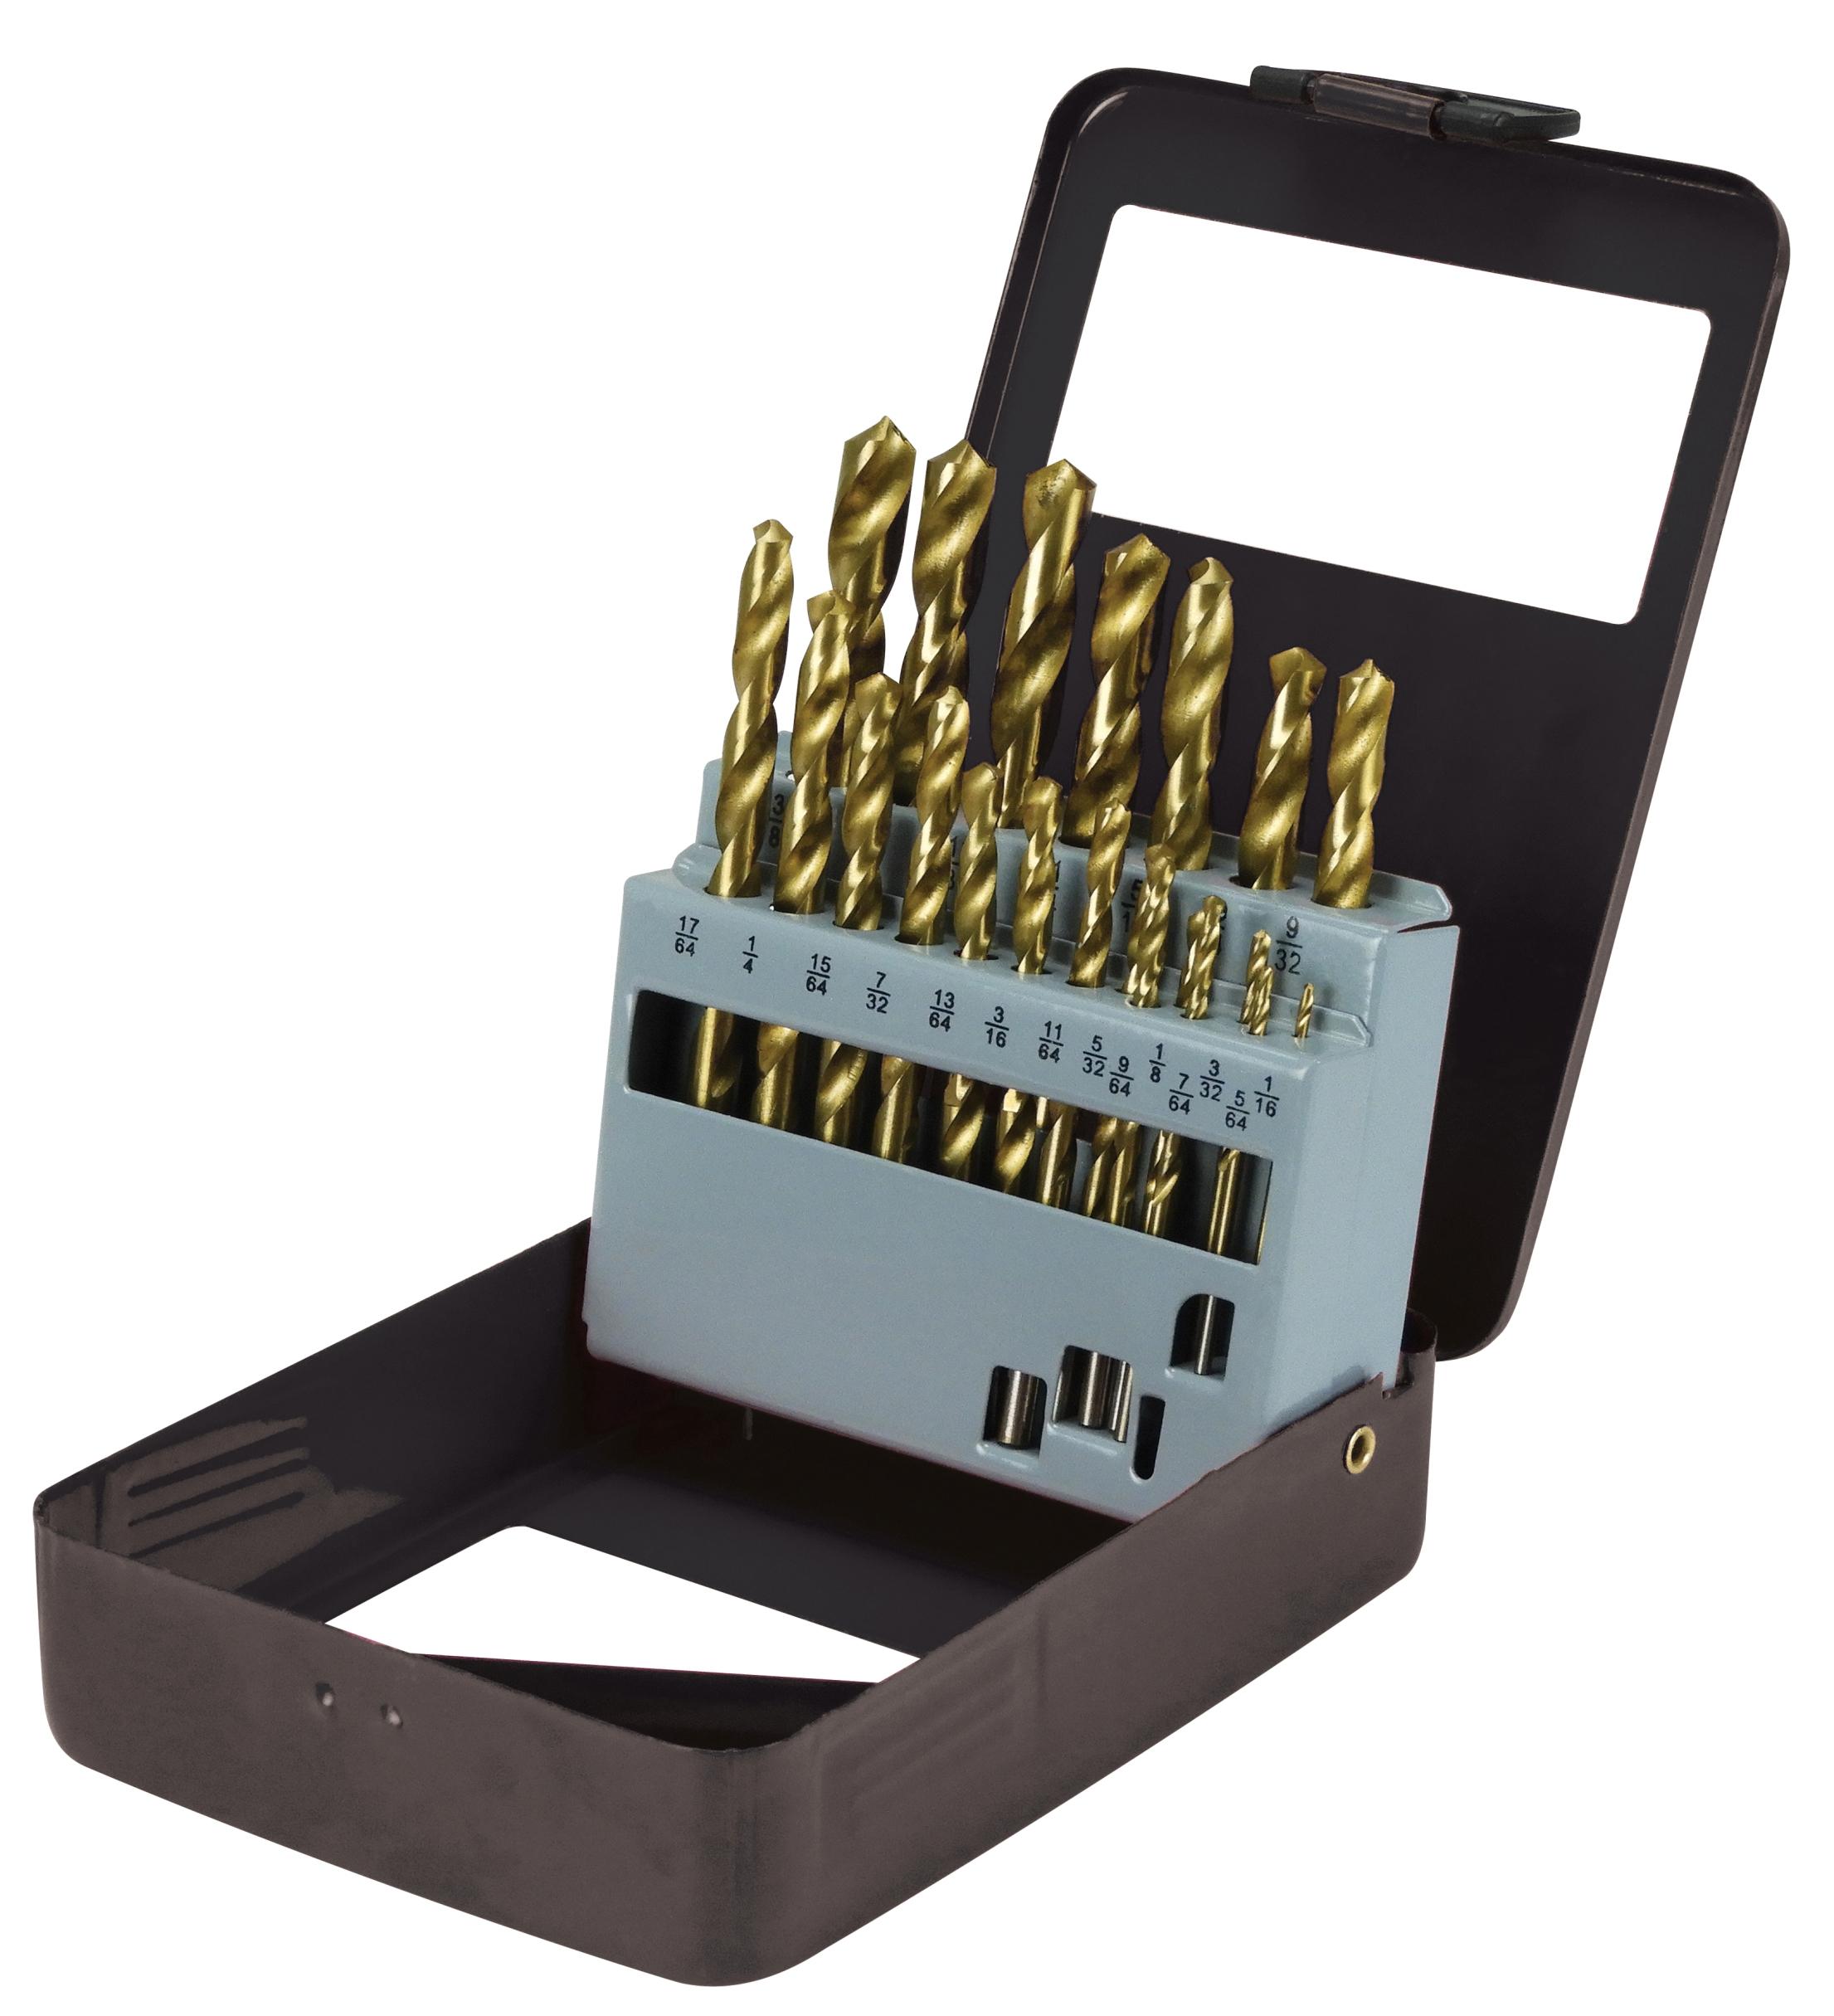 21 PC. Drill Bit Kit